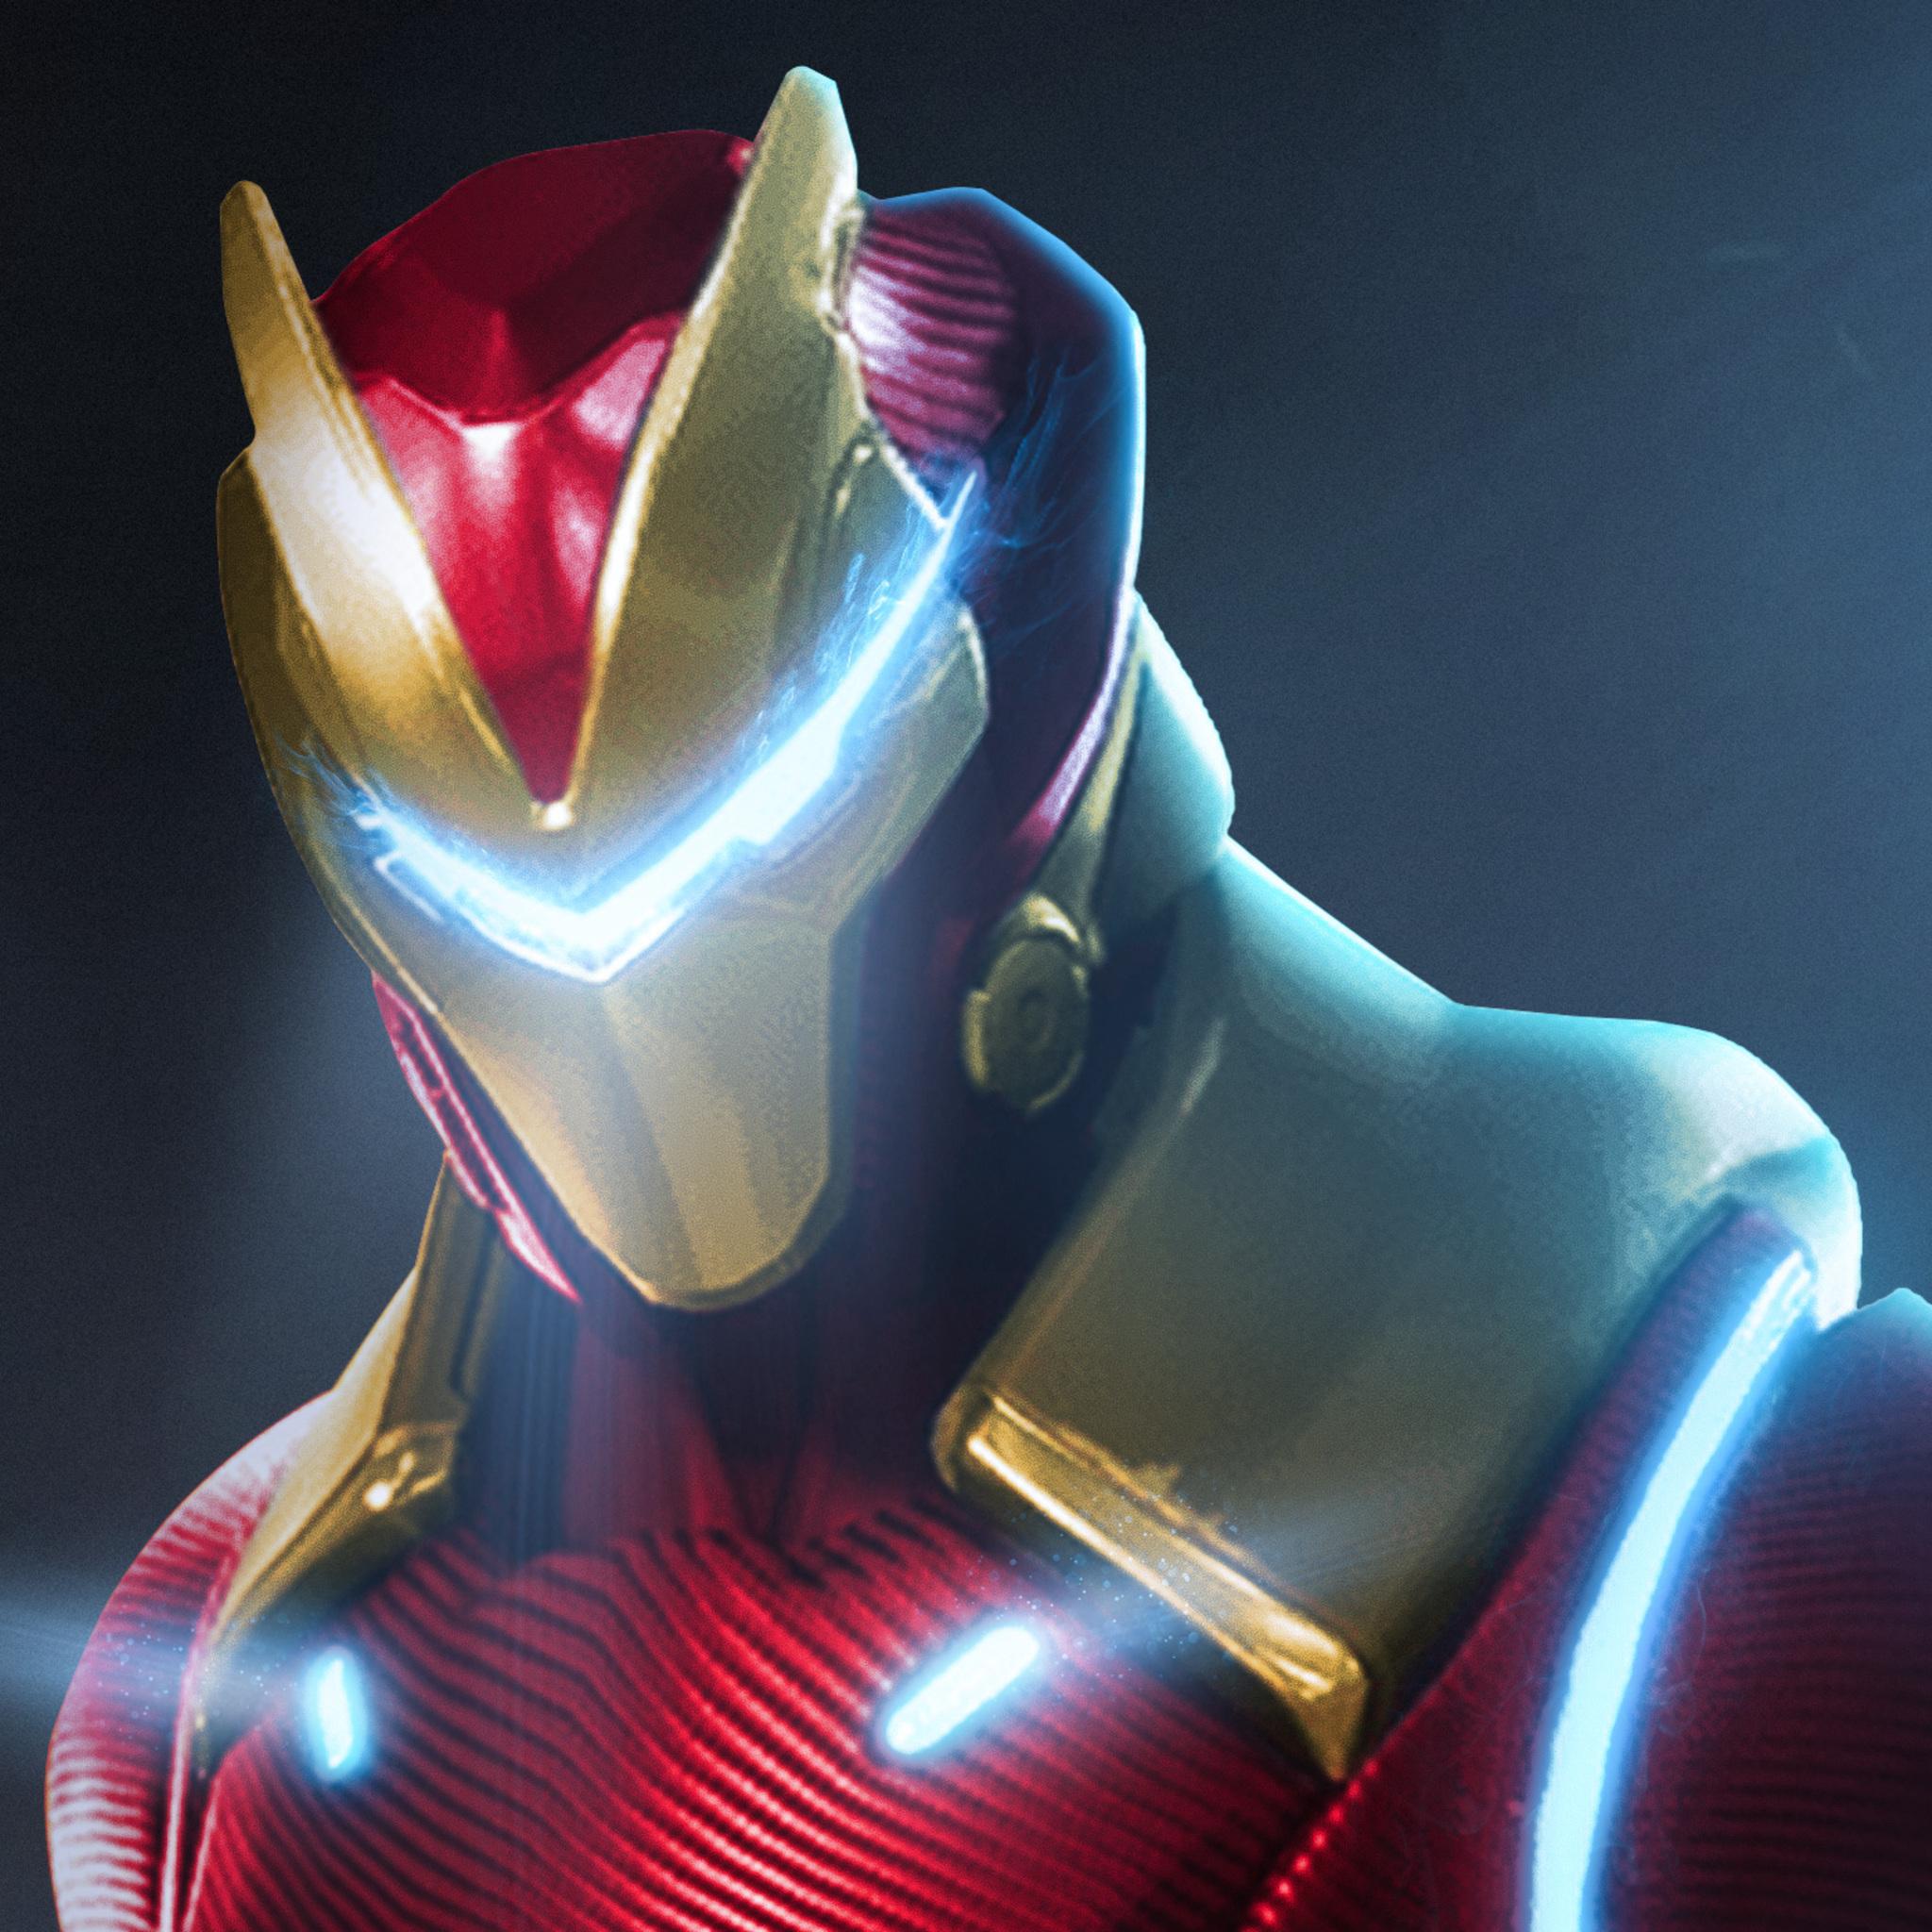 2048x2048 Fortnite X Marvel Iron Man Ipad Air Hd 4k Wallpapers